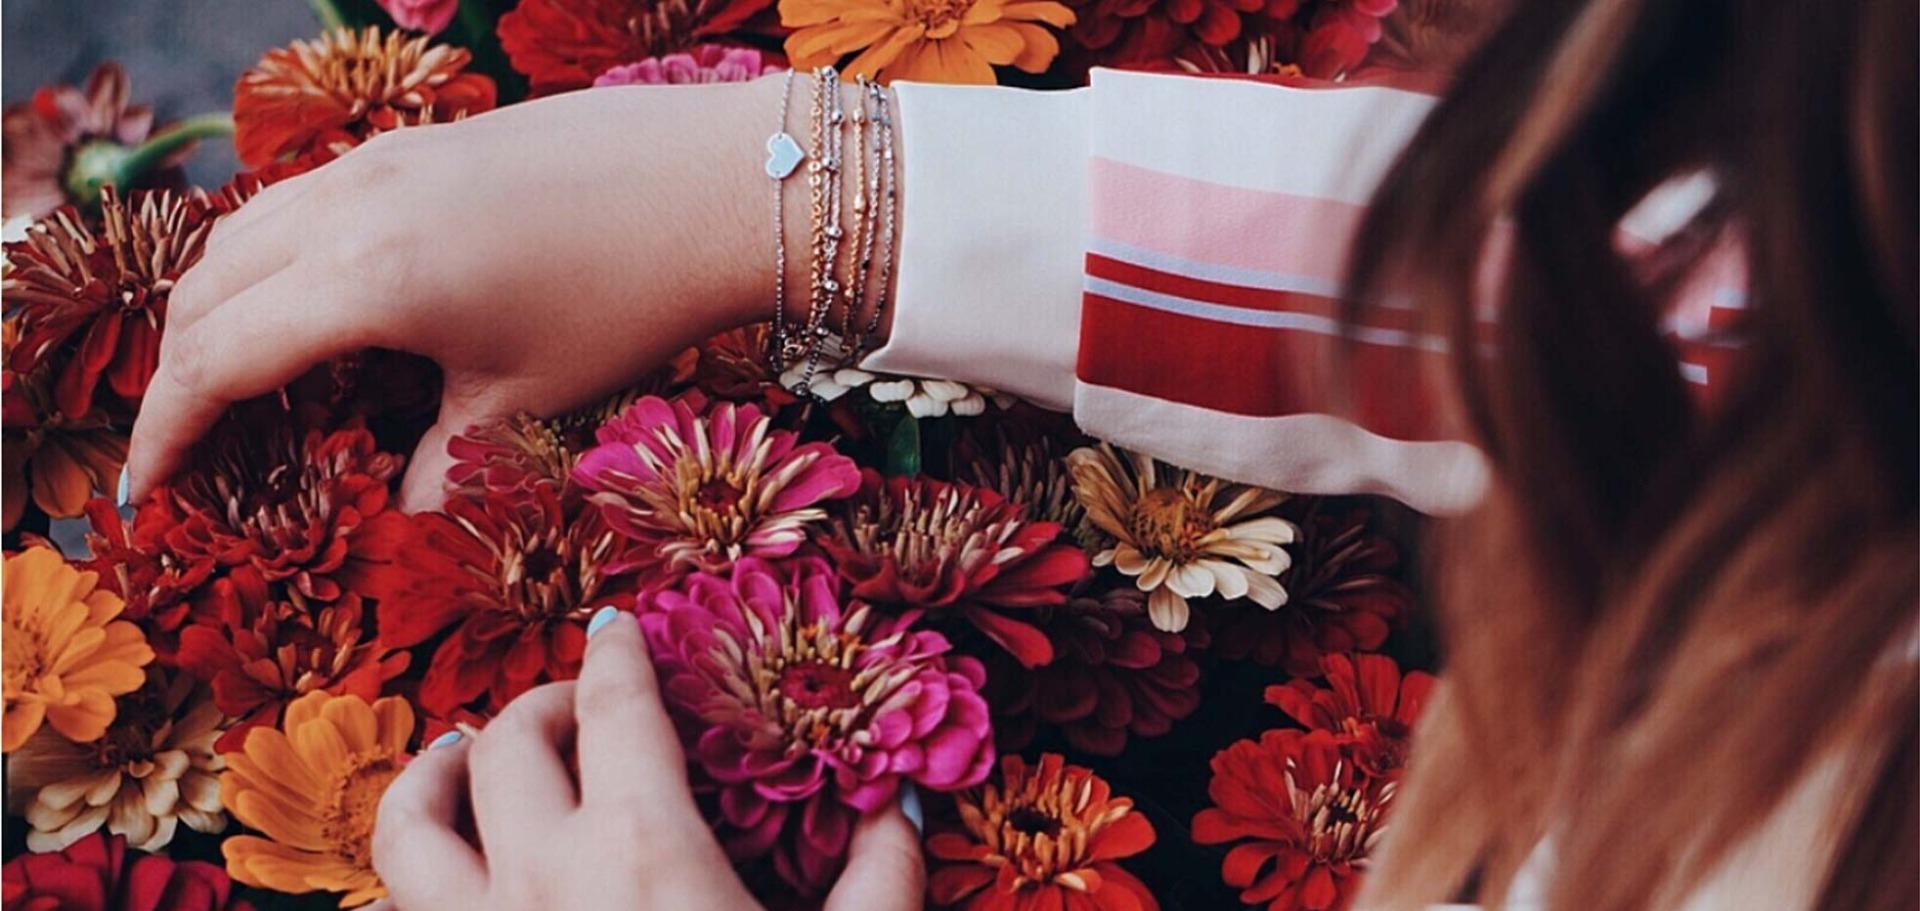 Die Besten Valentinstag Geschenke Für Frauen - Trends & News bestimmt für Valentinstag Geschenke Für Frauen